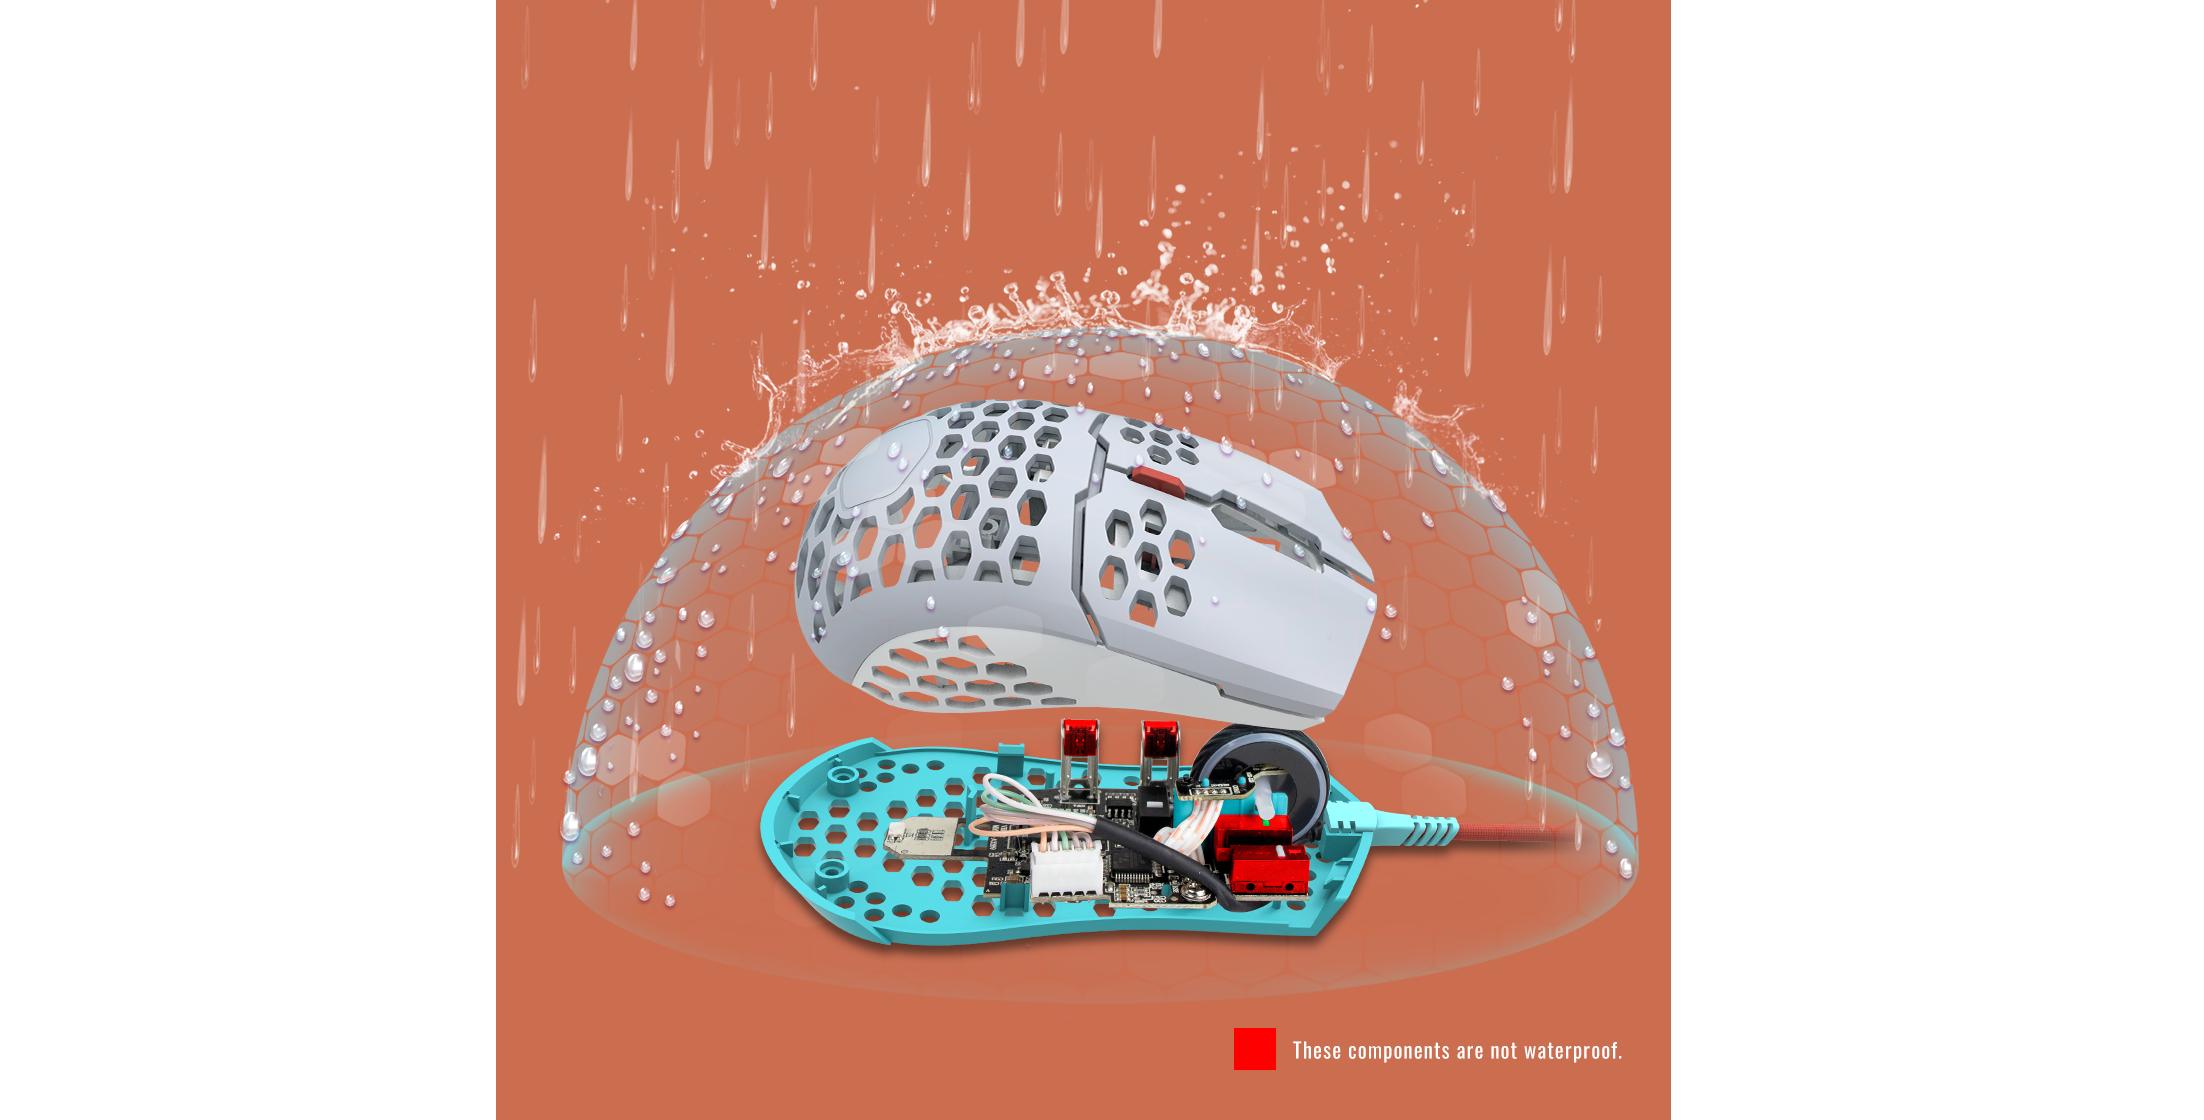 Chuột Cooler Master MM711 Retro (USB/RGB/Trắng) có tính năng chống nước hiệu quả